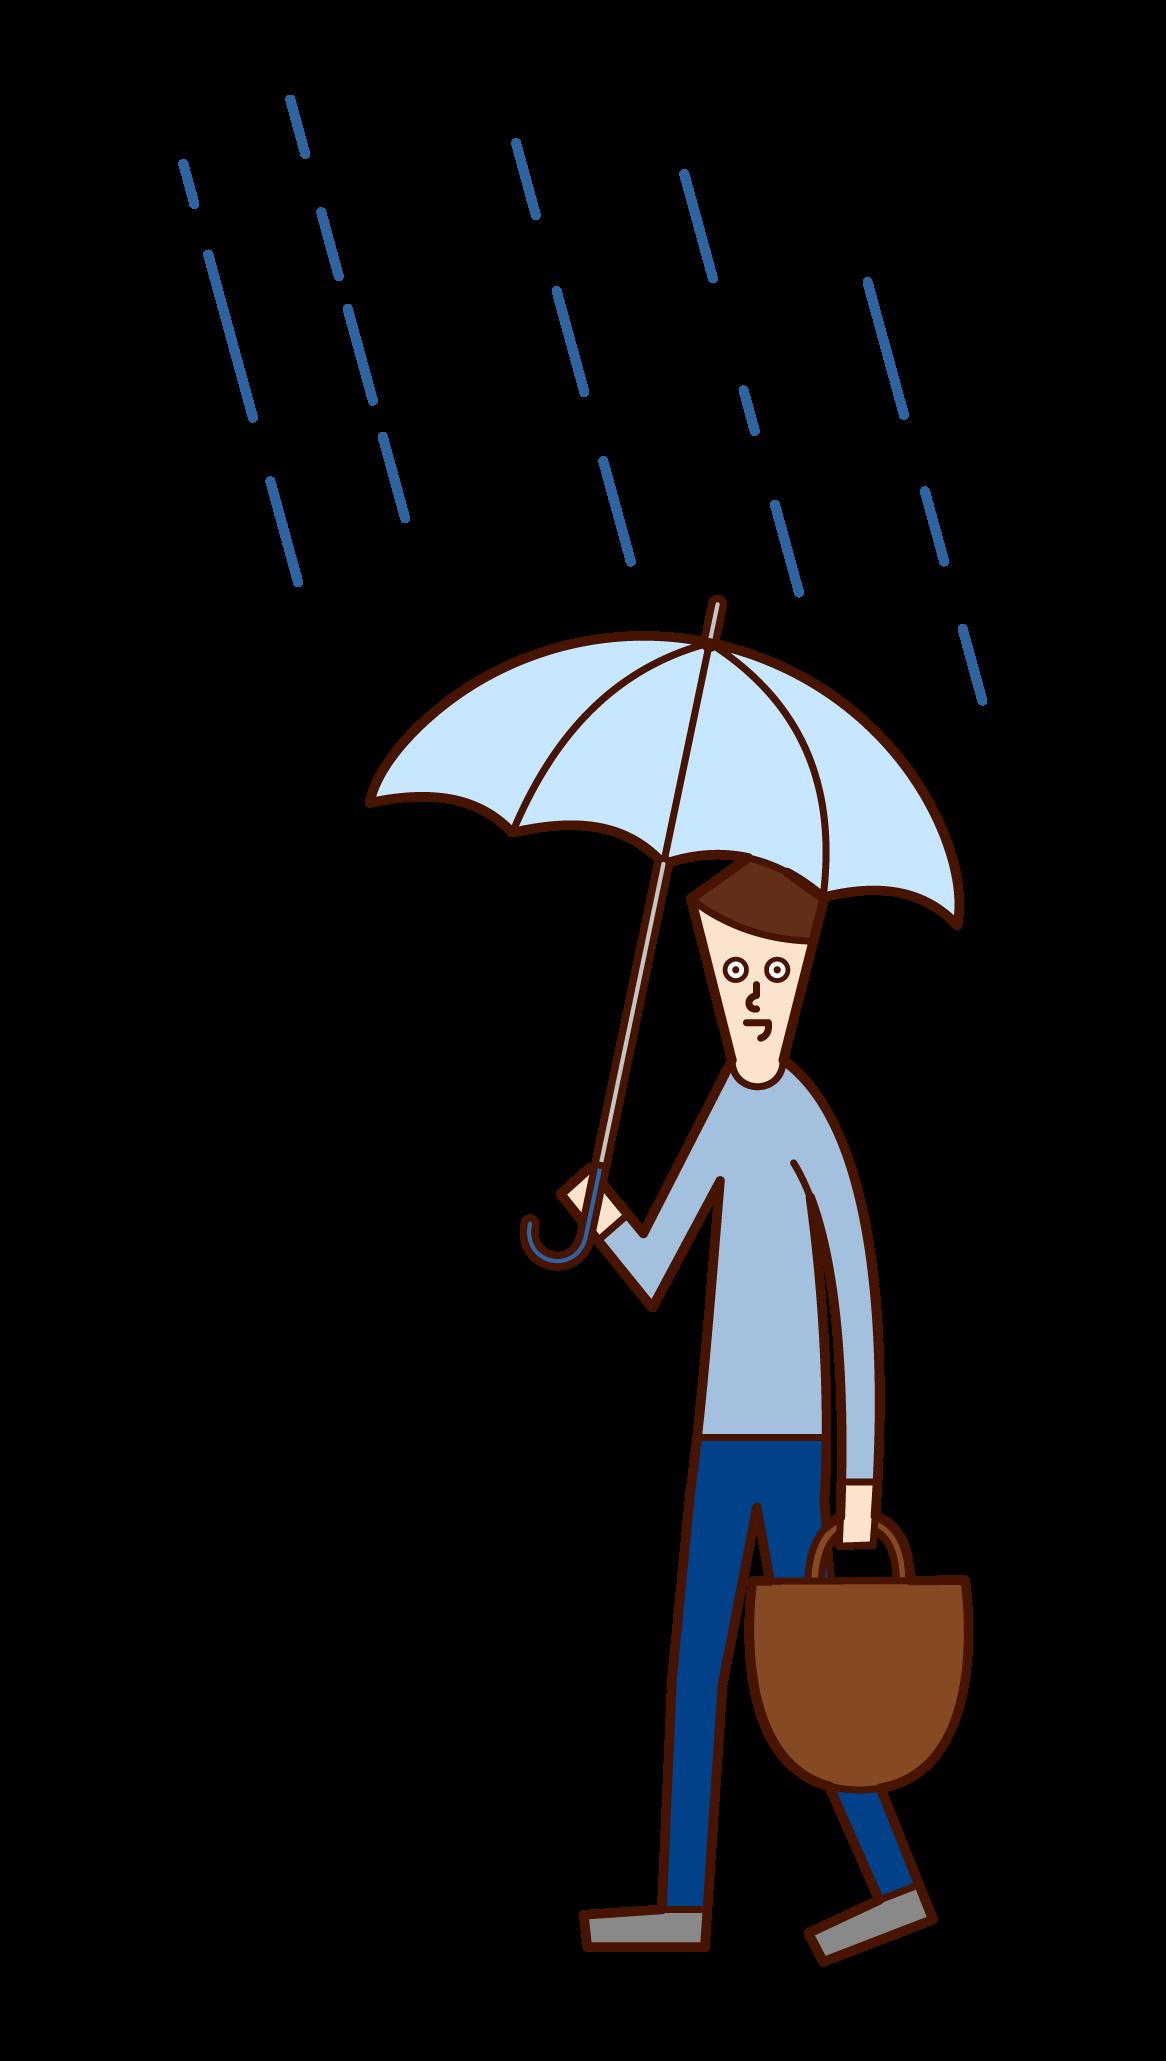 우산을 들고 걷는 남자의 일러스트